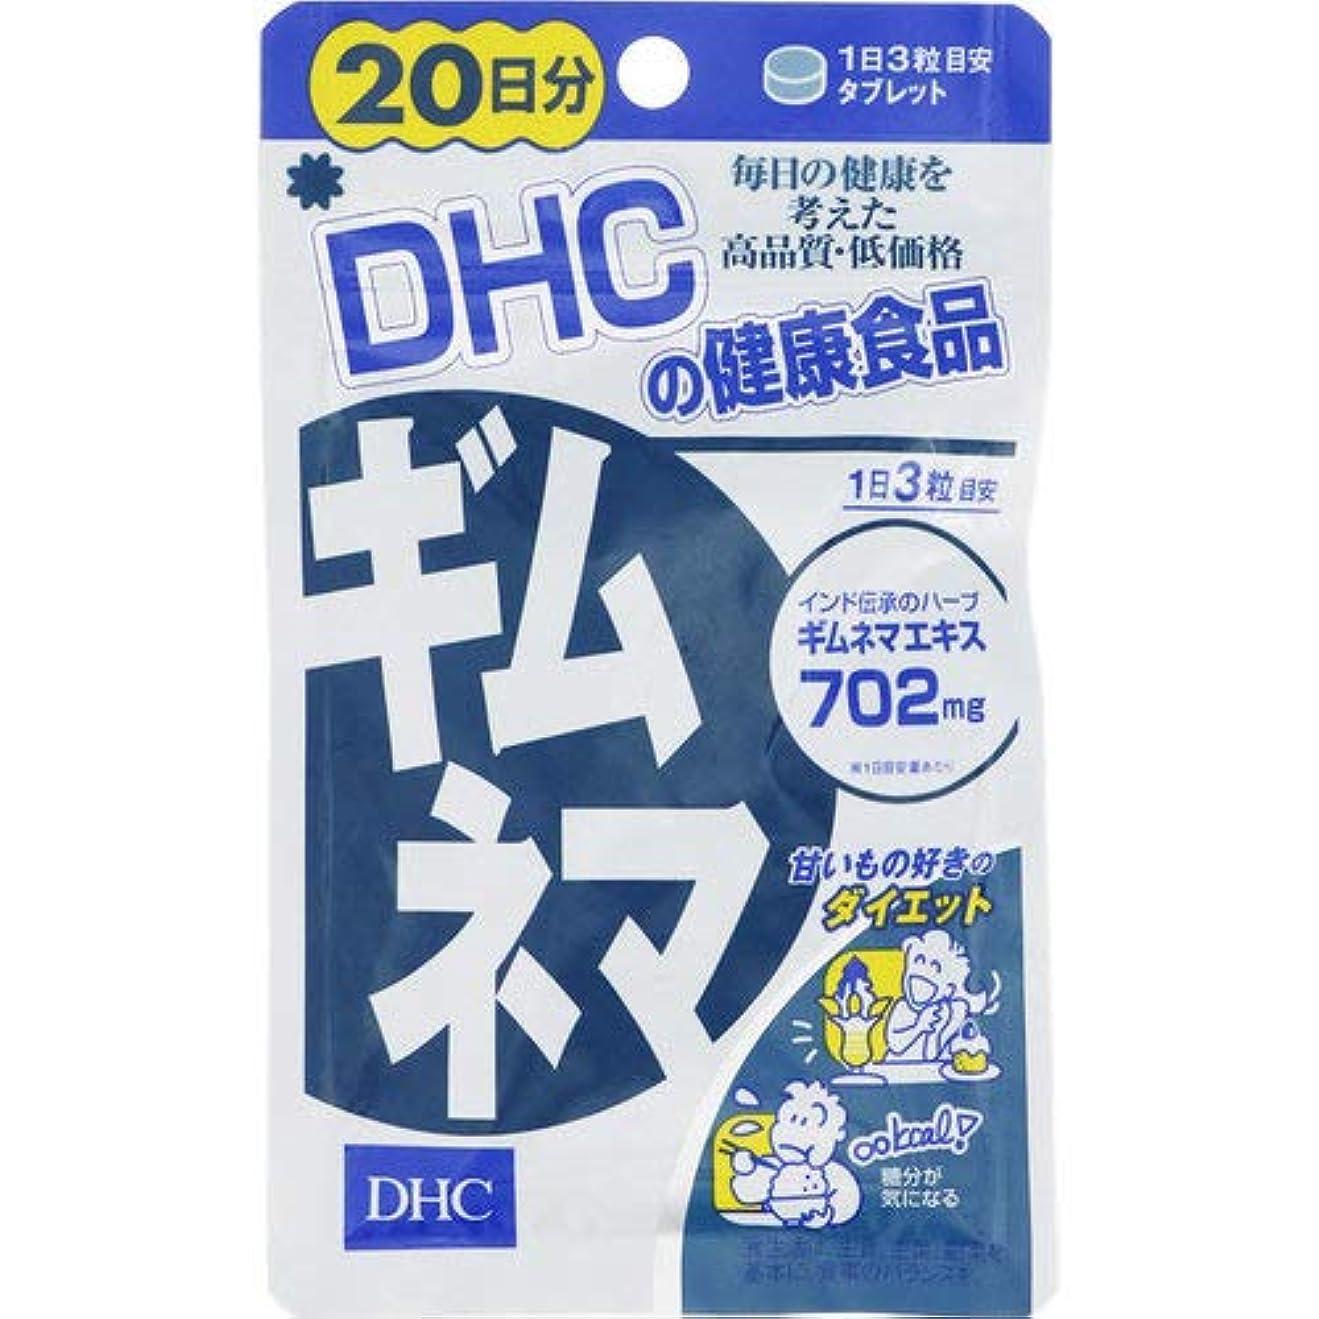 明快味わうできれば【DHC】ギムネマ 20日分 (60粒)